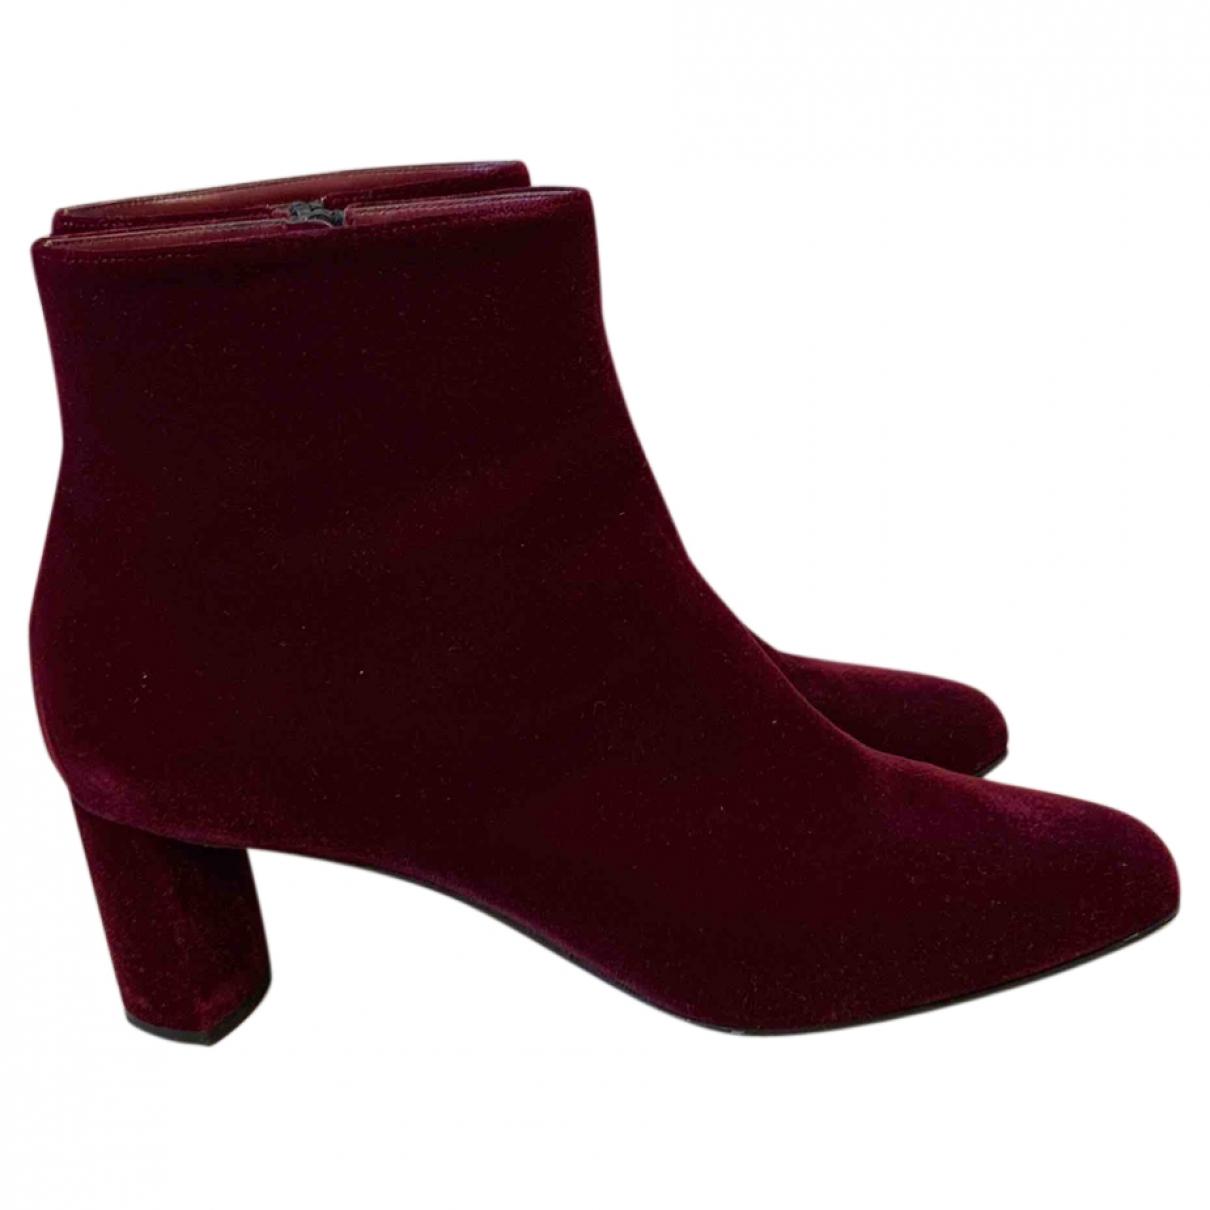 Casadei - Boots   pour femme en velours - bordeaux